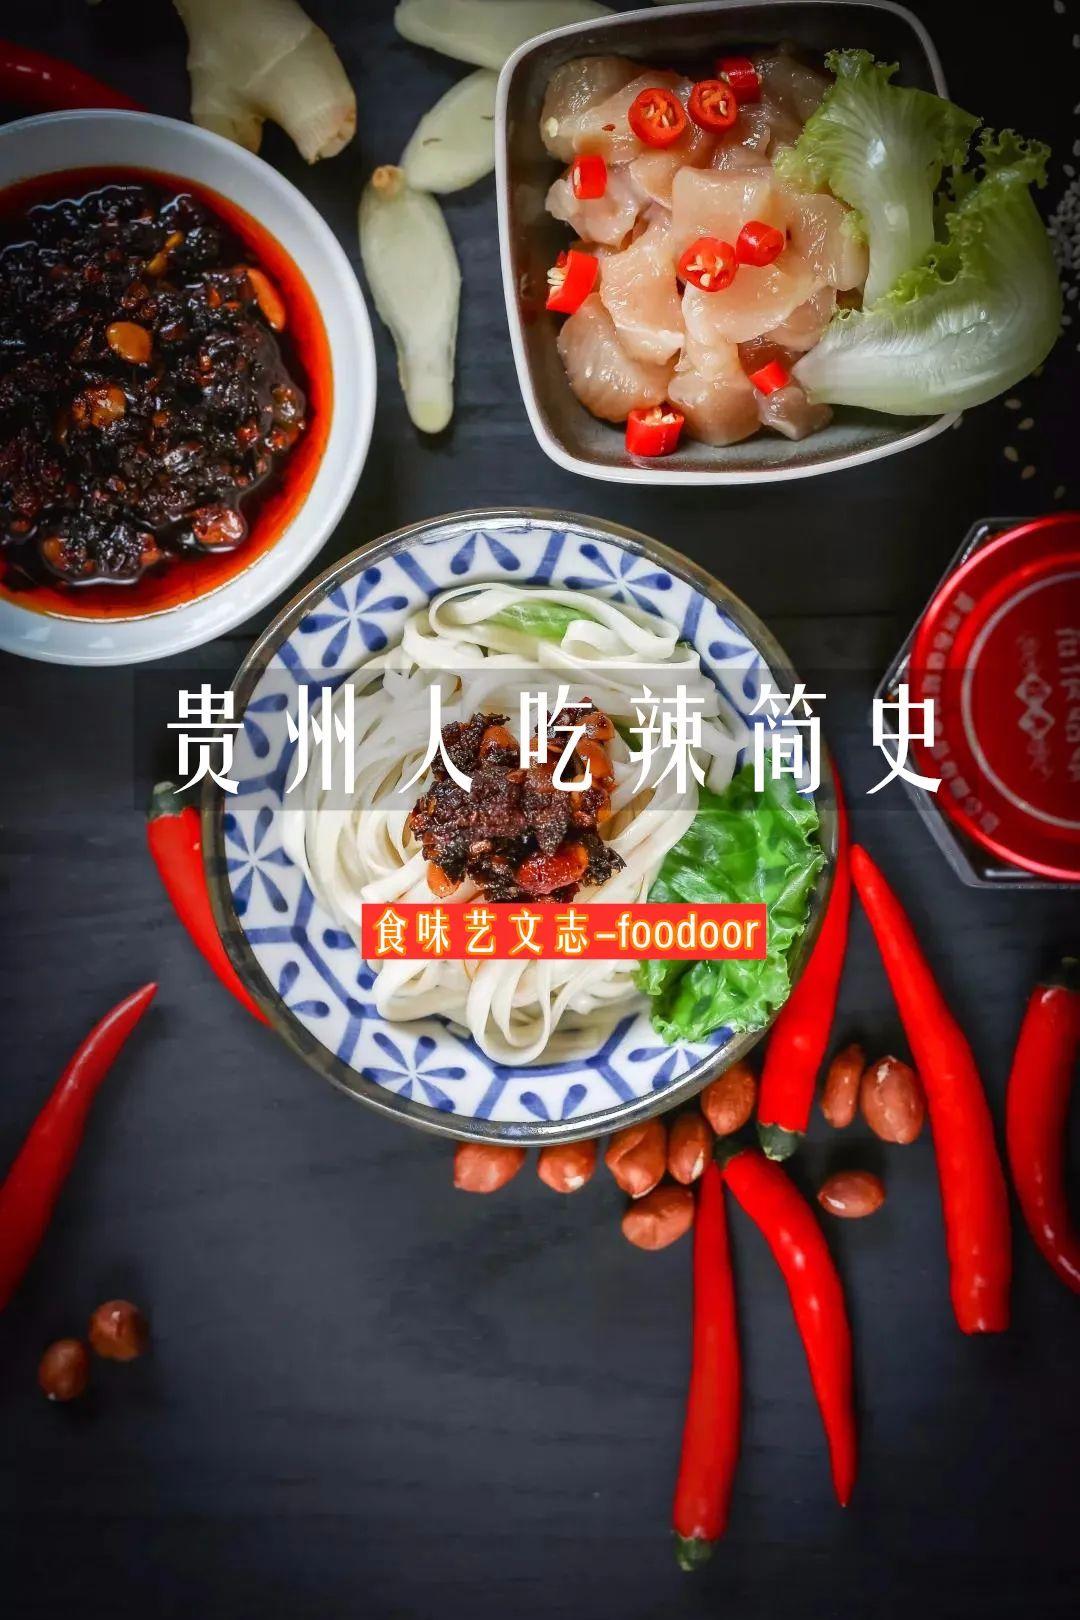 http://www.pingjiangbbs.com/caijingfenxi/51895.html